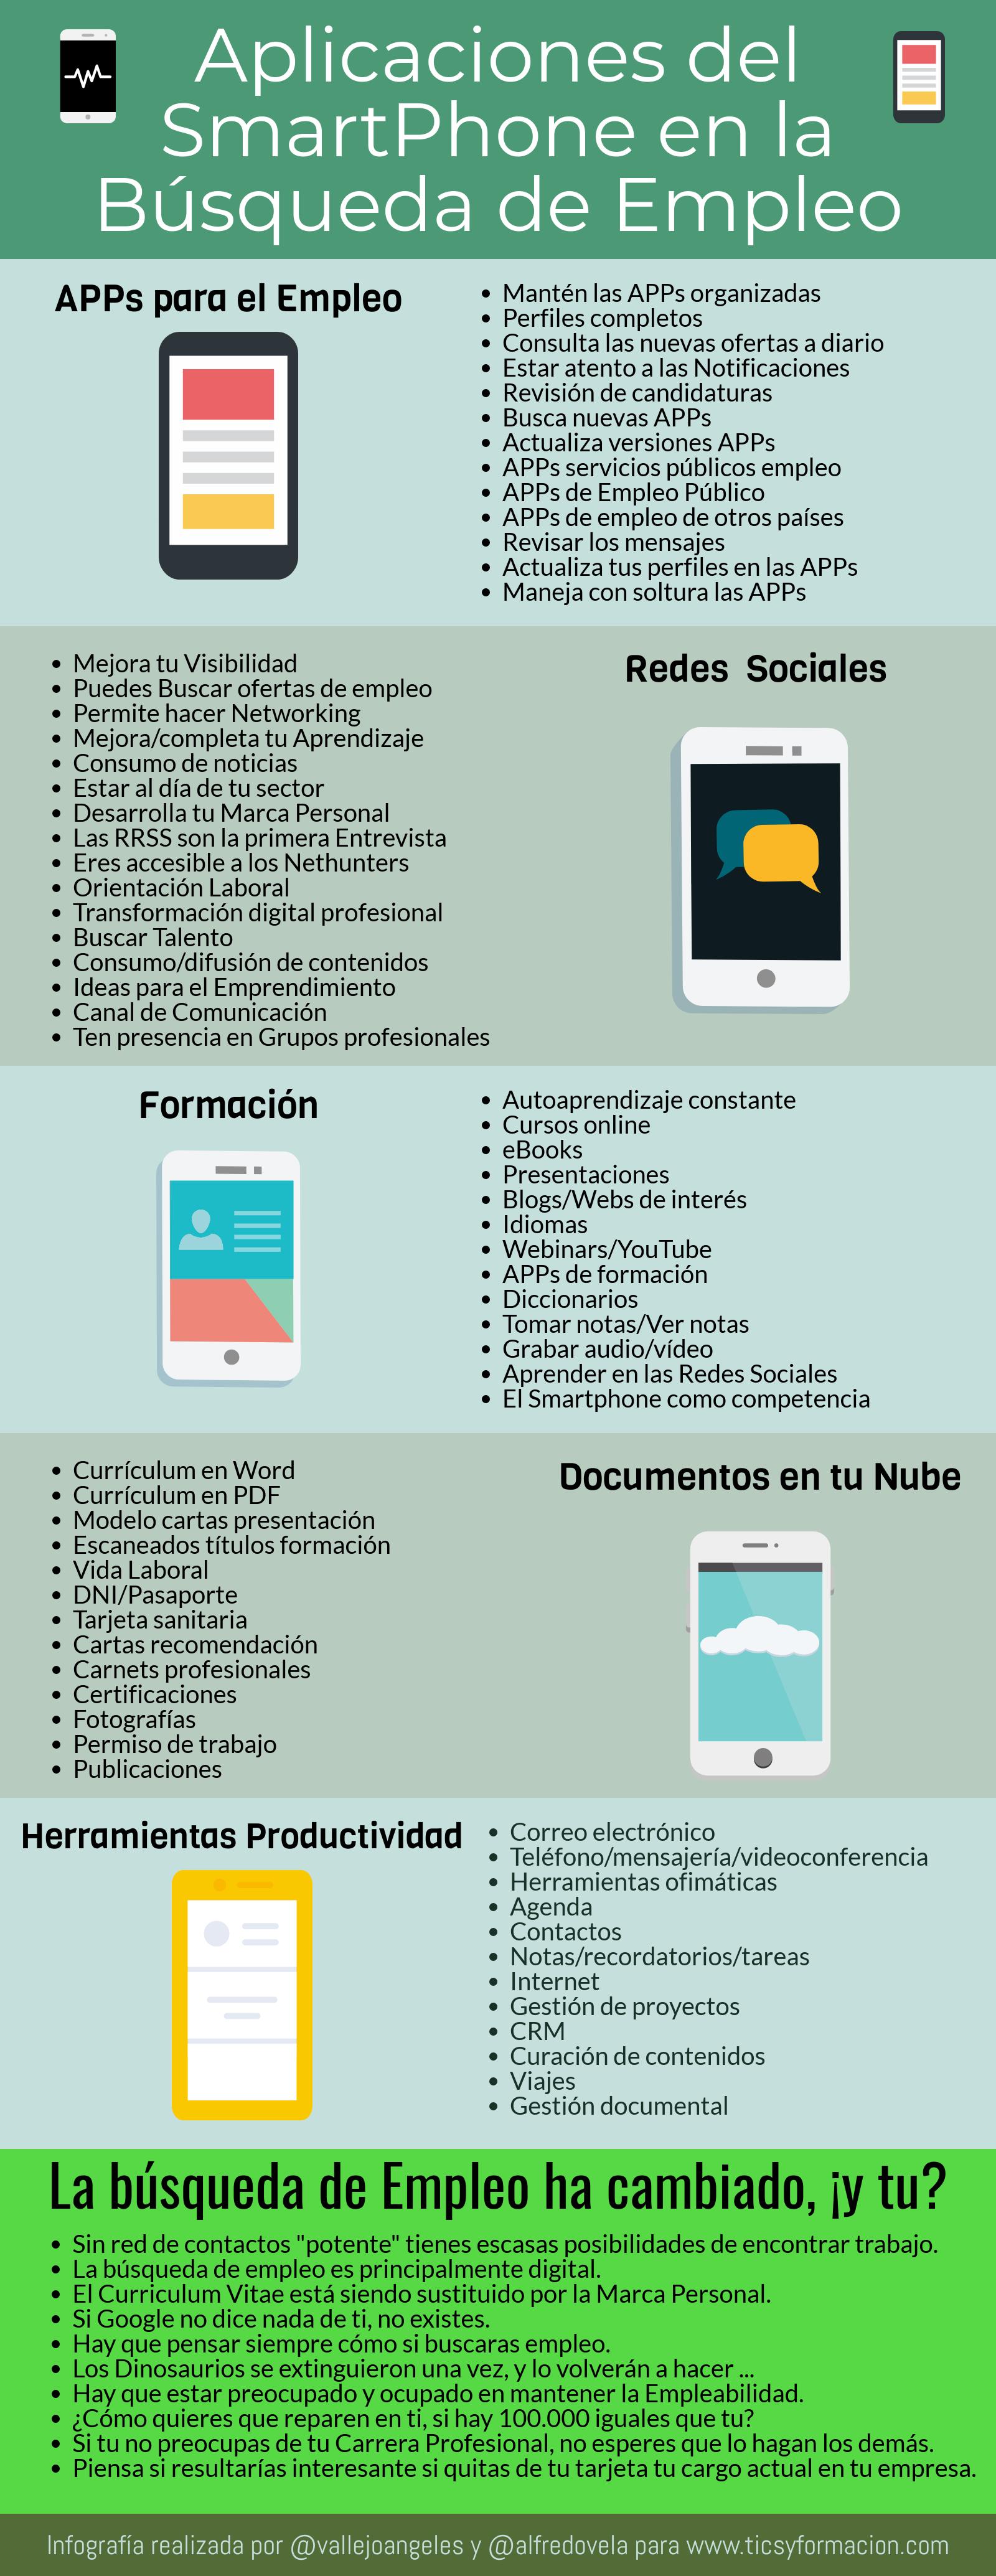 Aplicaciones del SmartPhone en la Búsqueda de Empleo